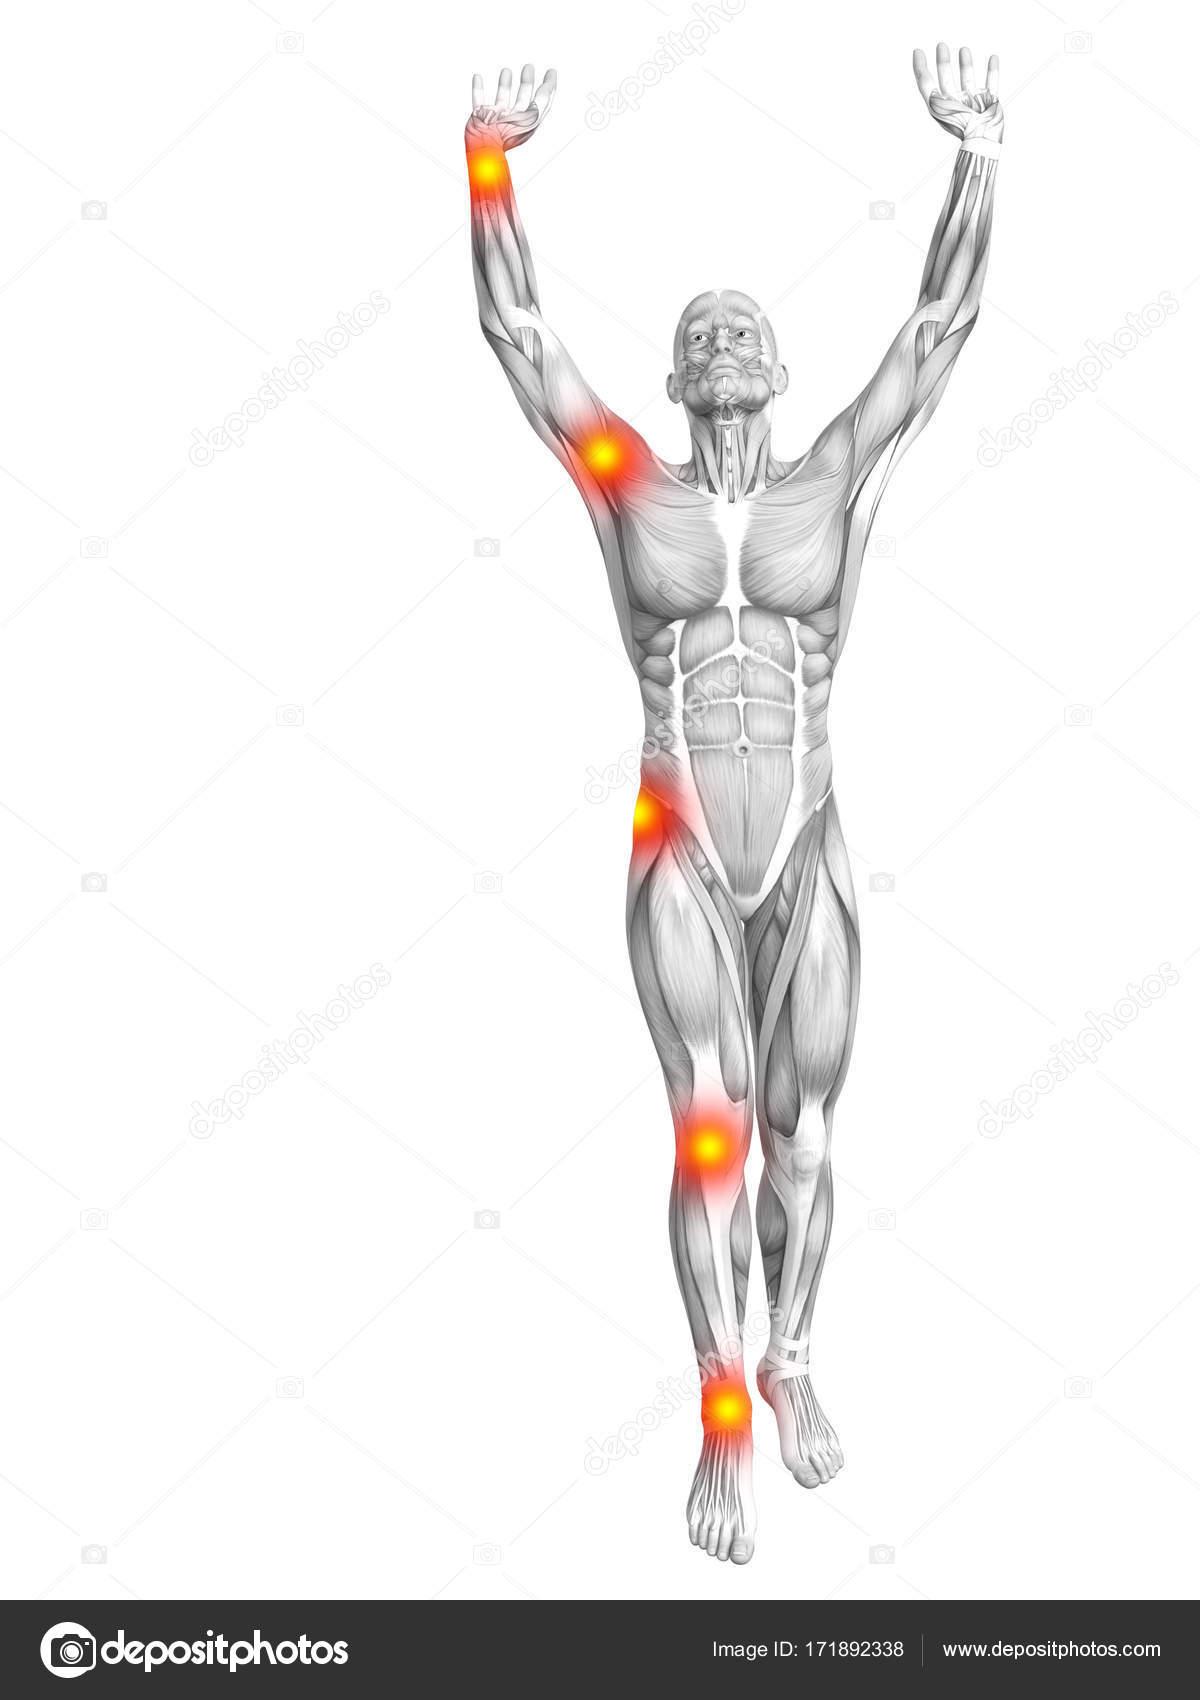 Ziemlich Ellbogen Muskeln Anatomie Bilder - Menschliche Anatomie ...